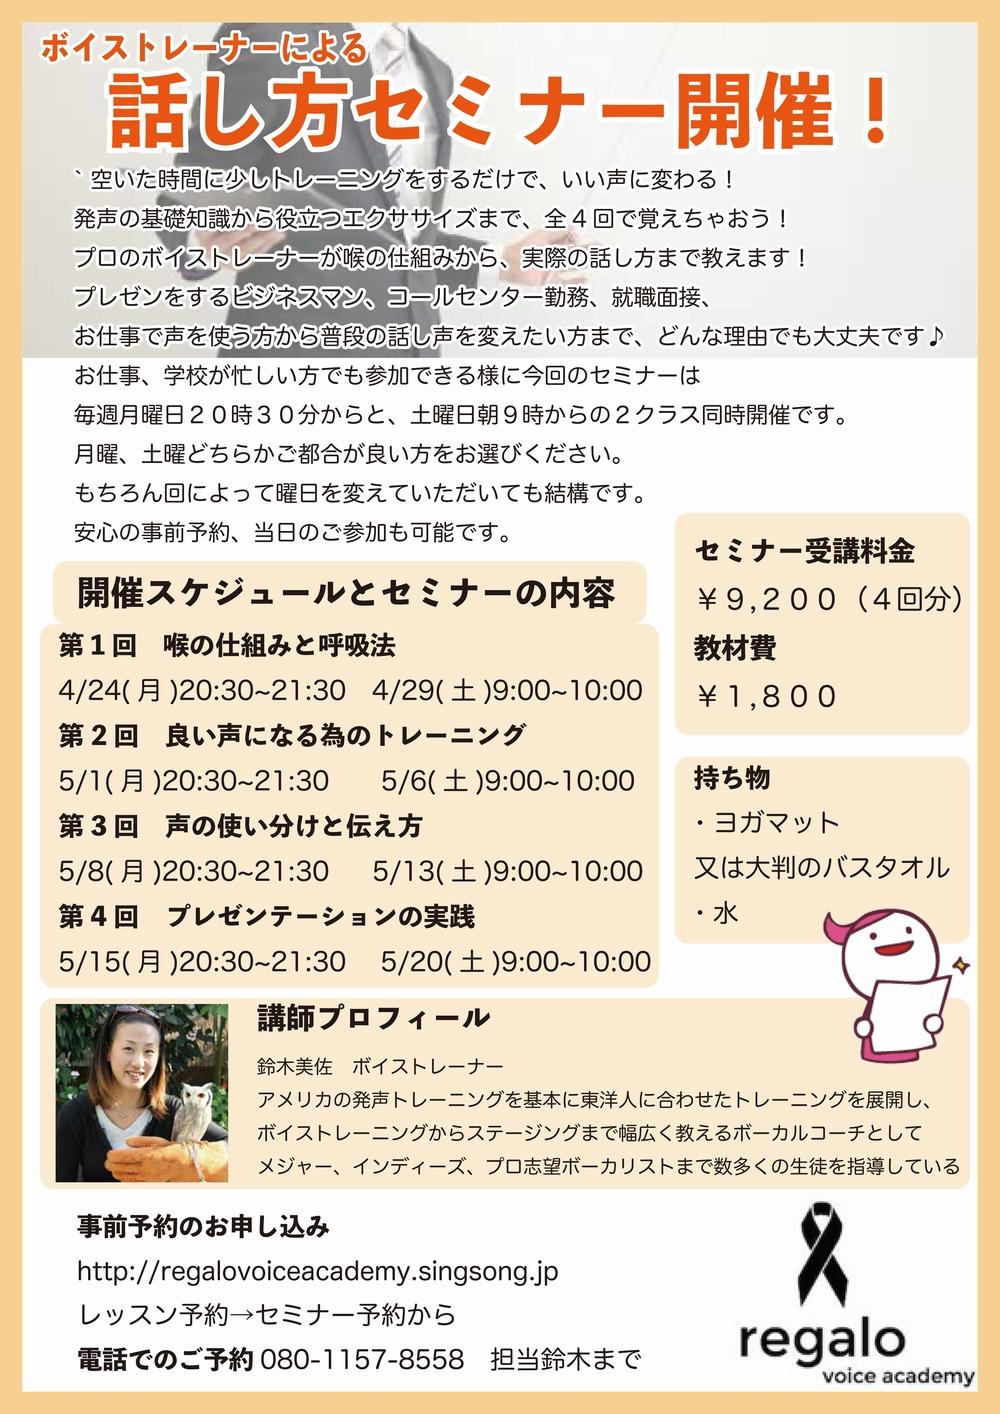 【セミナー】話し方セミナー全4回 音楽天国・浜松市野店 4/24から5/20